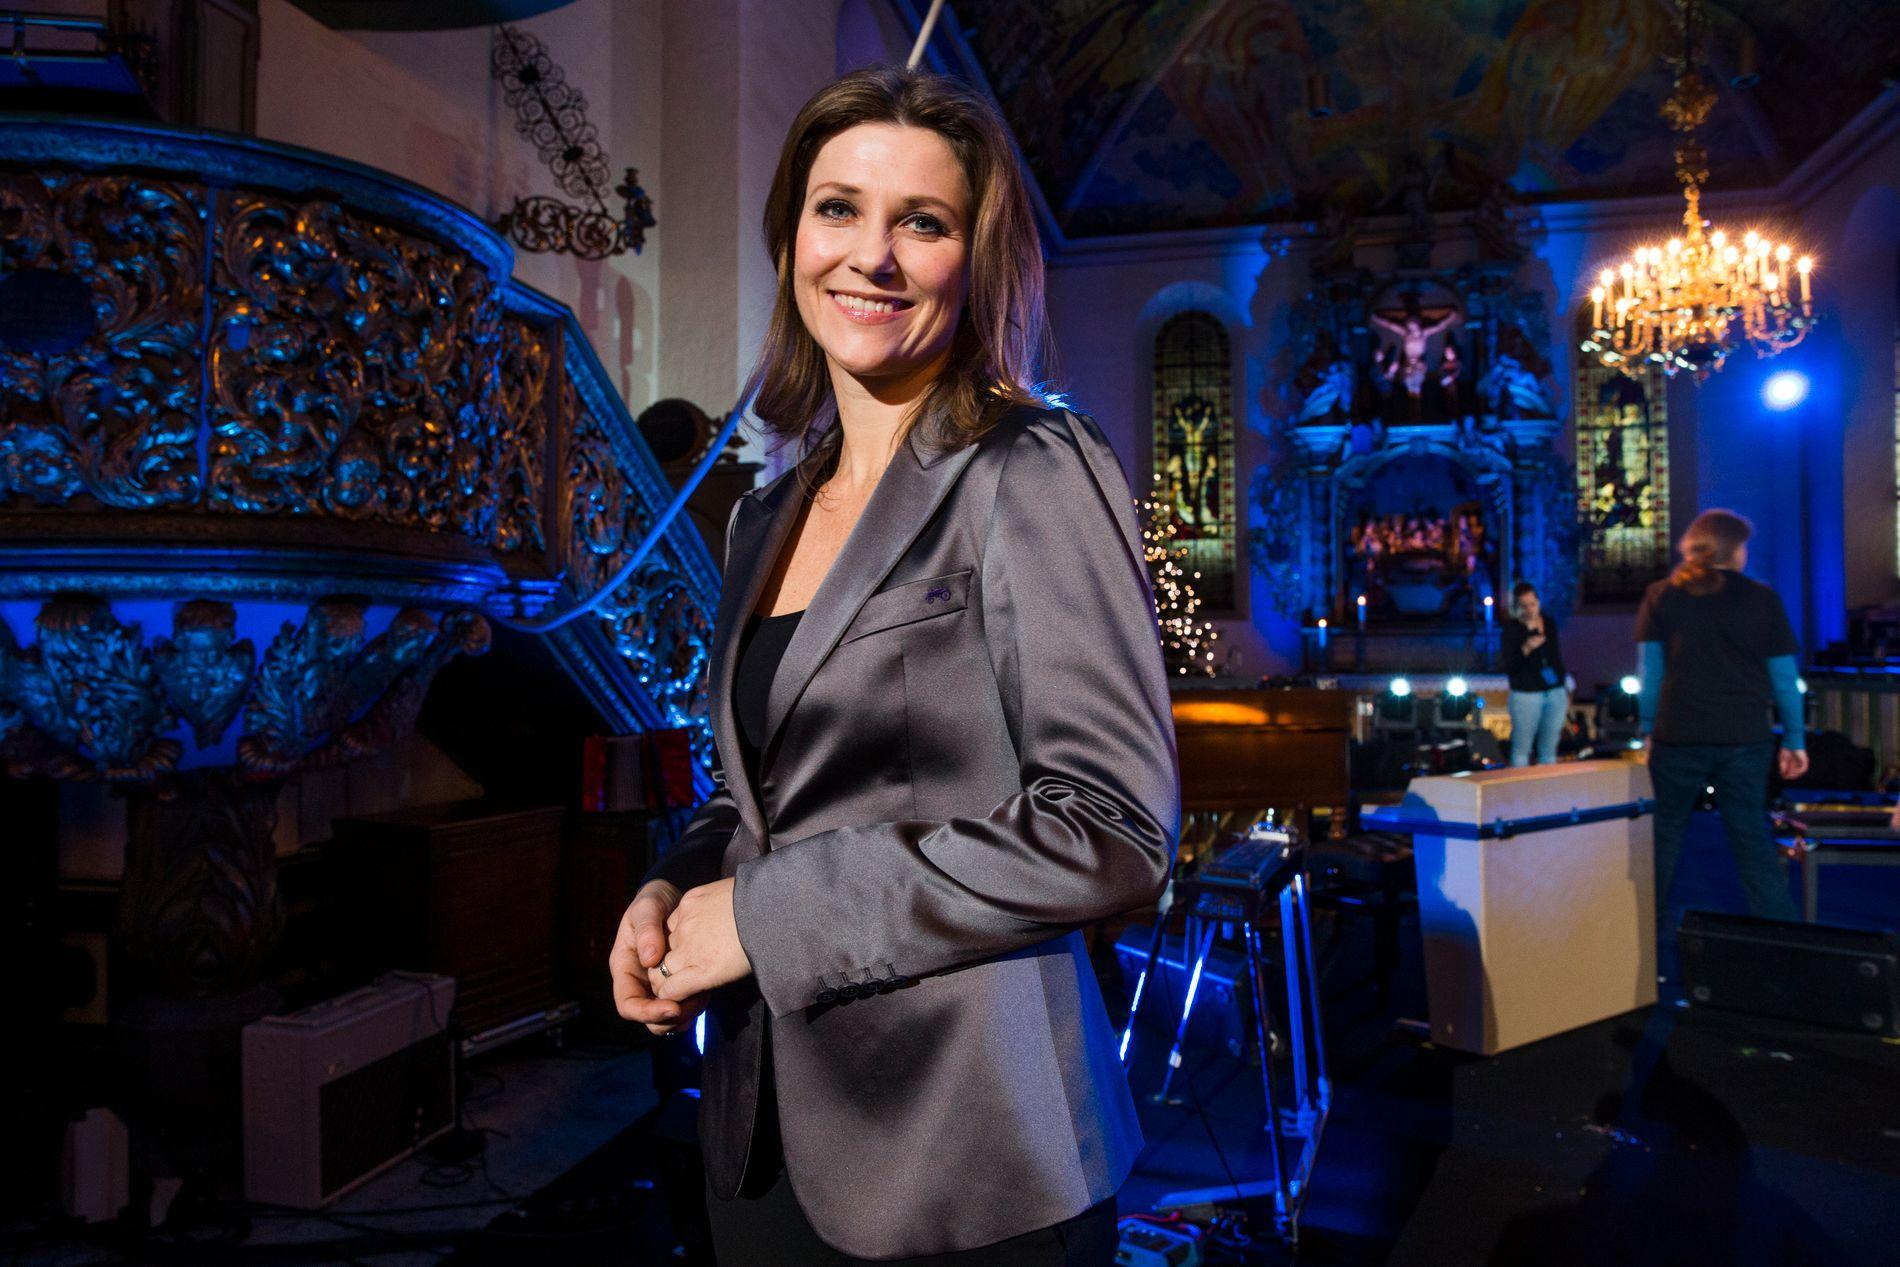 KOM IKKE: Prinsesse Märtha Louise valgte å være sammen med barna sine, opplyser Slottet.